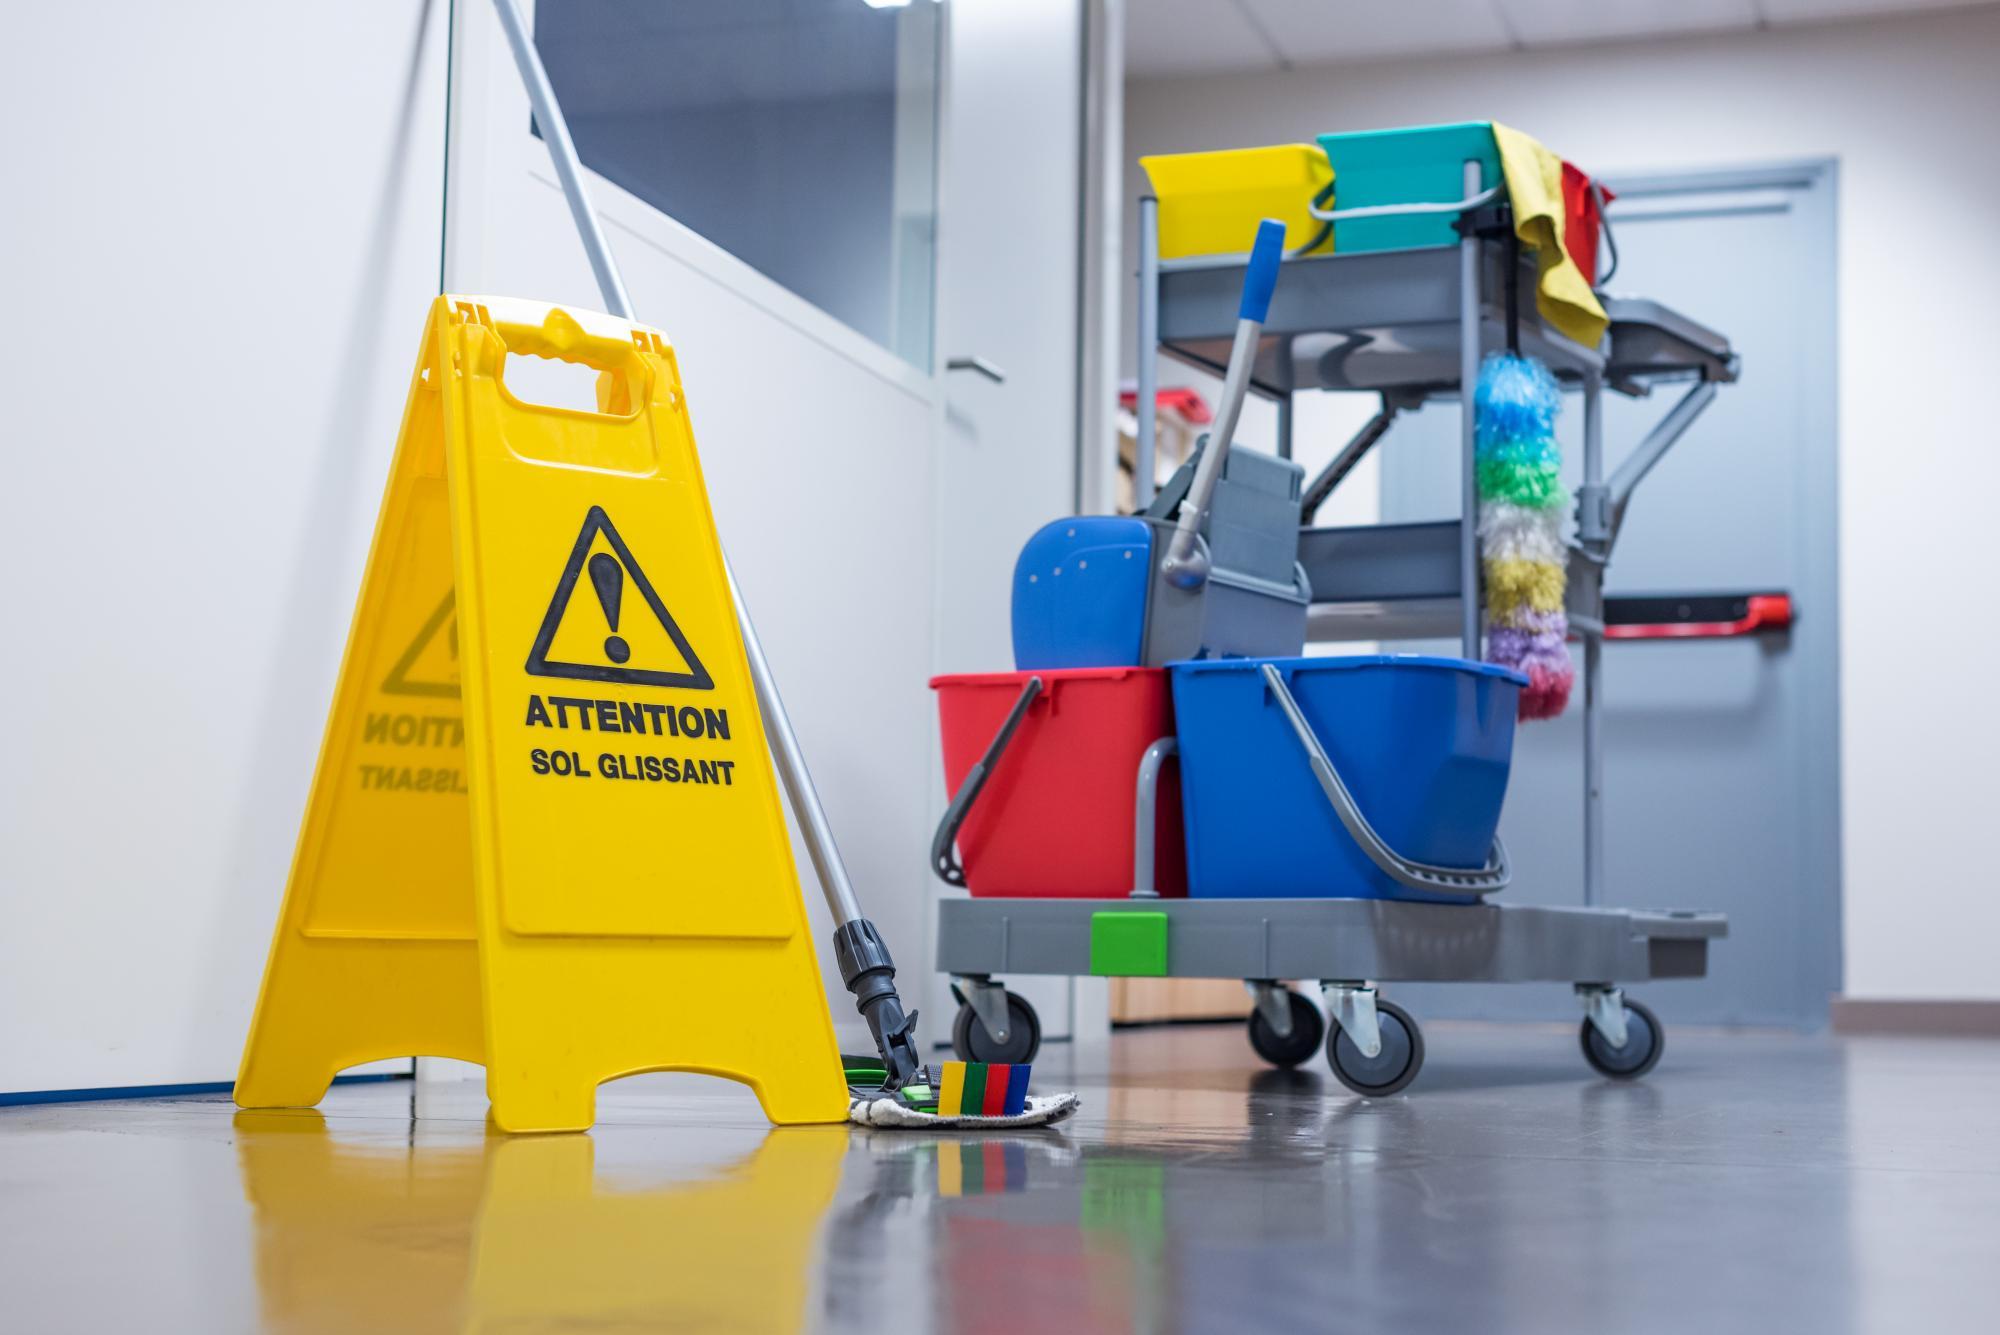 Nettoyage de bureaux et locaux